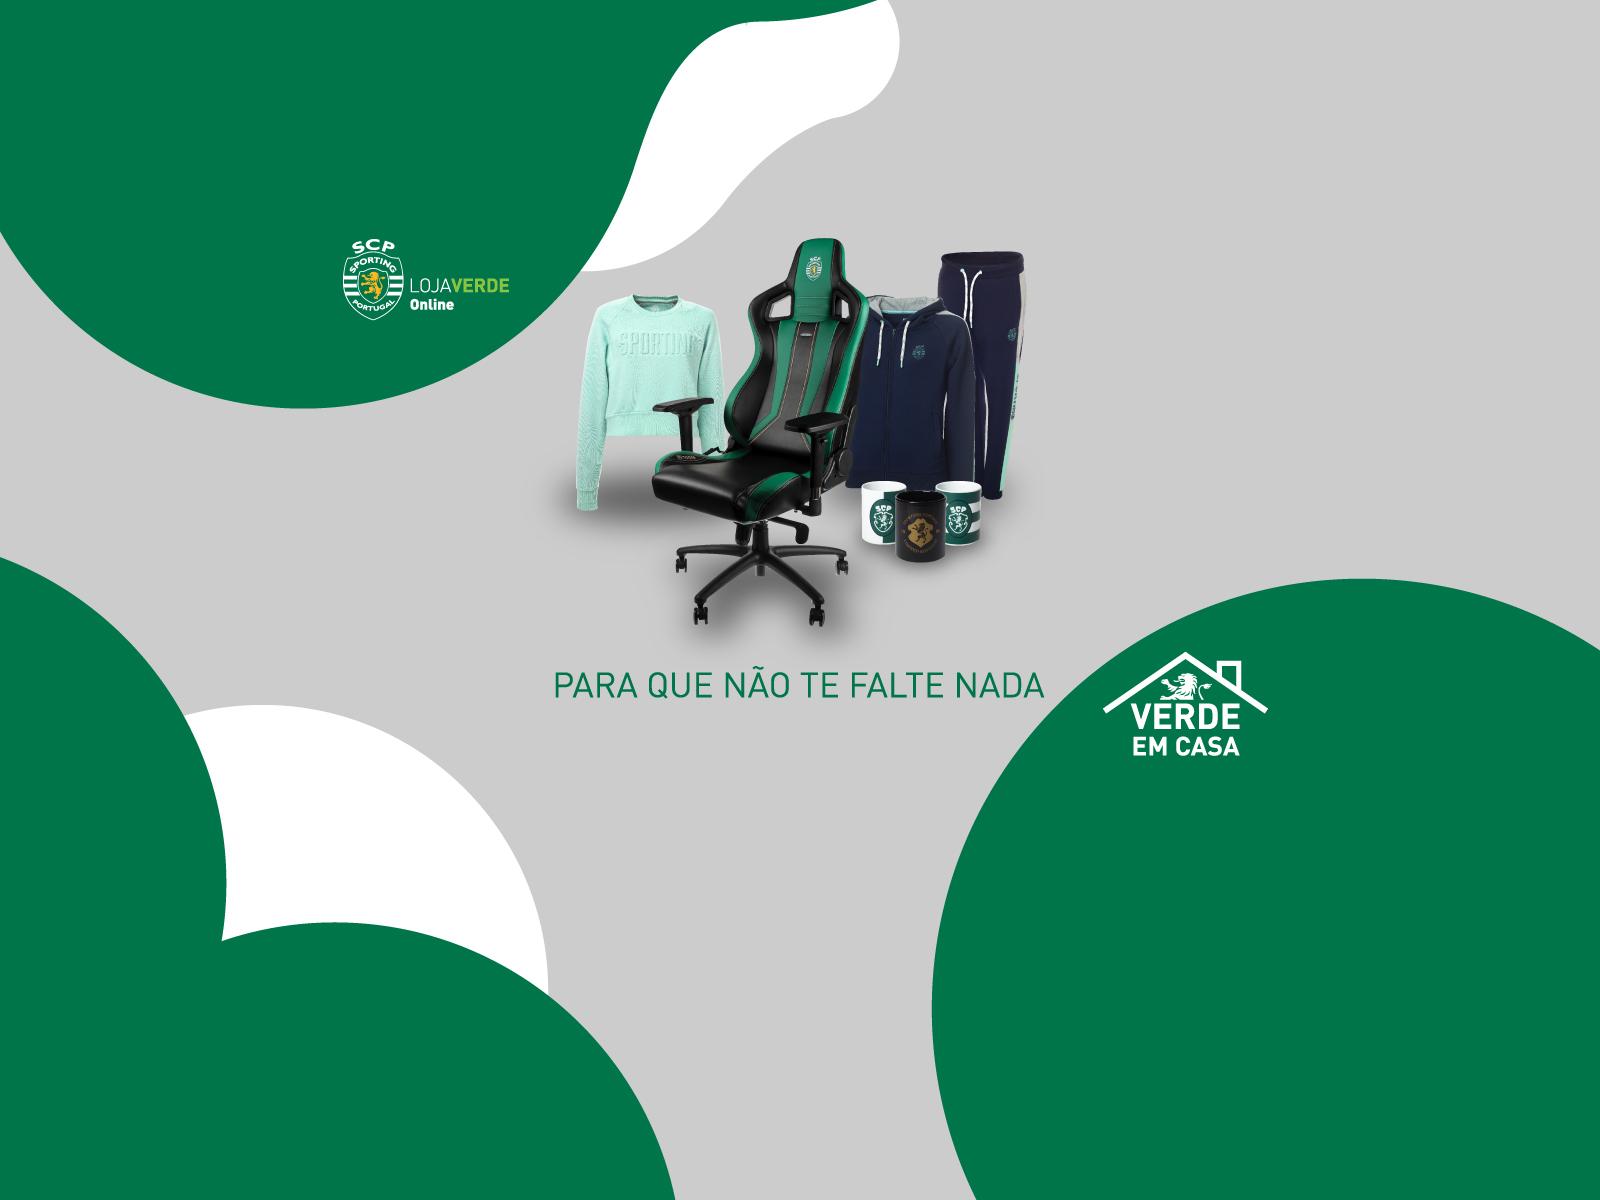 https://scpconteudos.pt/sites/default/files/revslider/image/Banner-HP-Verde-em-Casa-completo.jpg